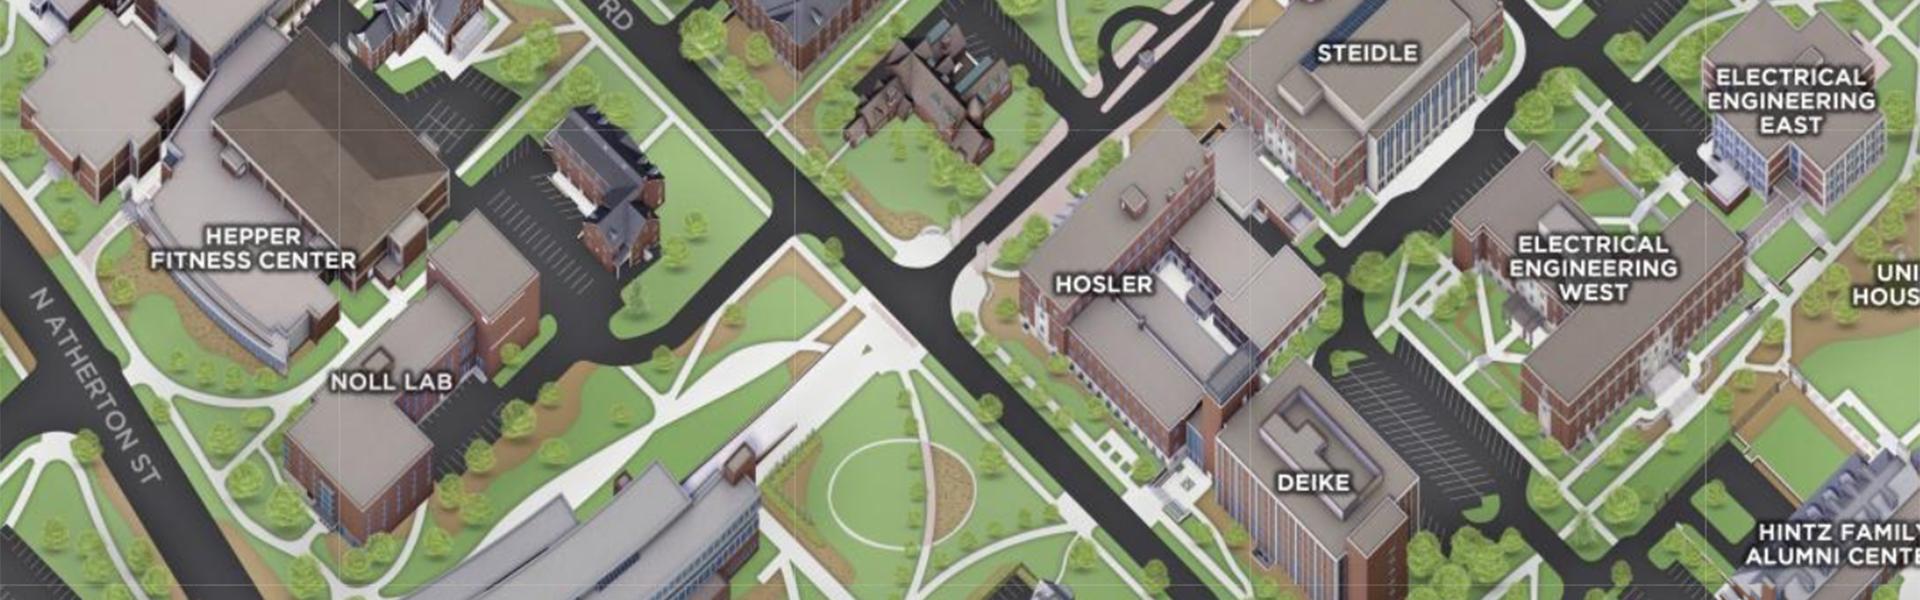 Hosler map